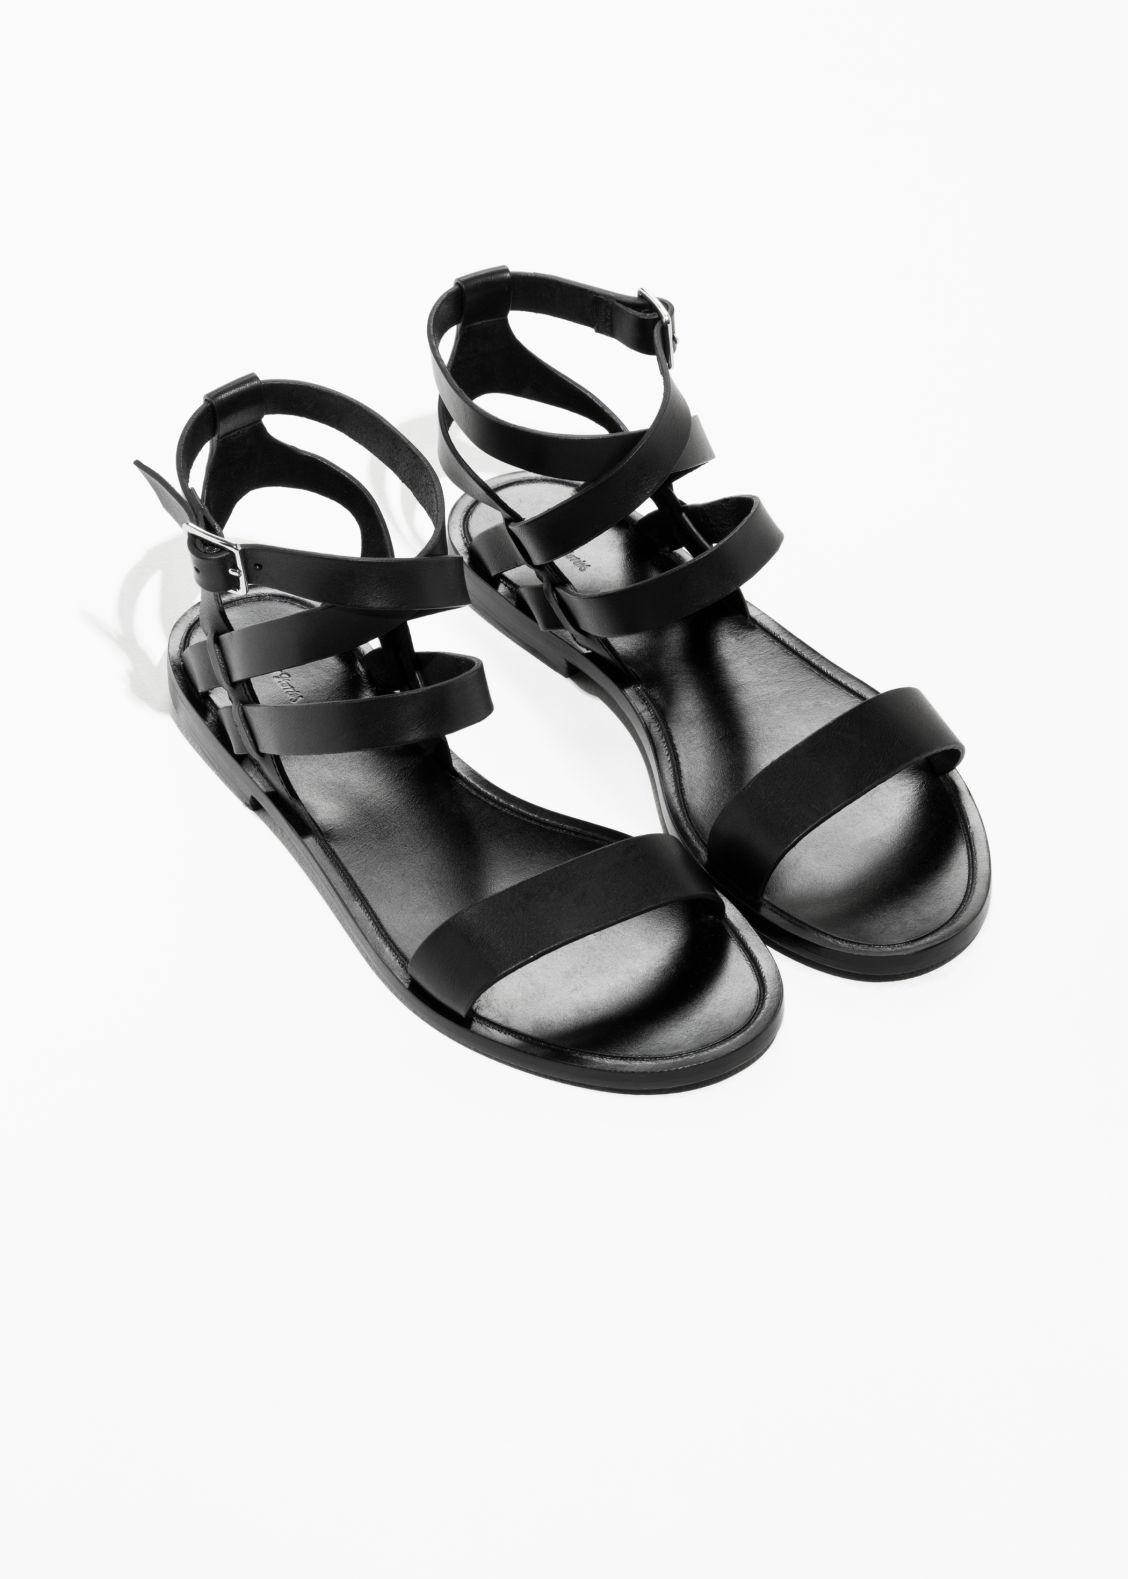 Envío gratis para barato & OTHER STORIES Raw Edge Leather Sandals - Black Precio bajo tarifa de envío Perfecto en línea Ubicaciones de puntos de venta a la venta KVZ1KKI5